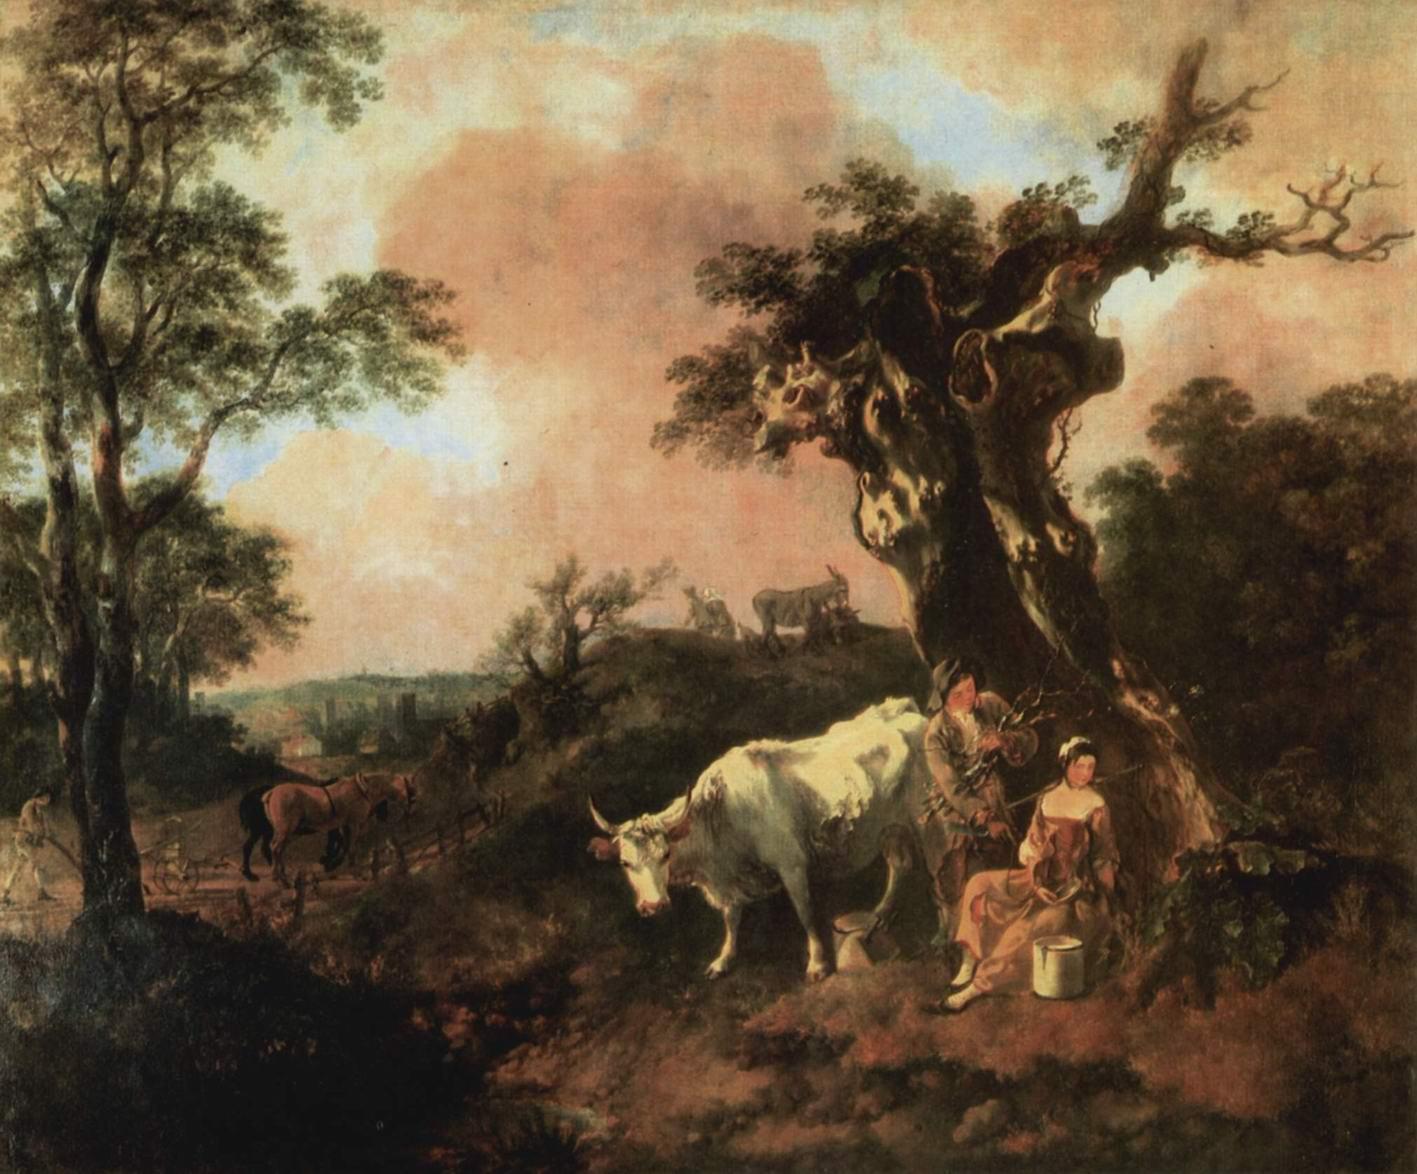 Лесоруб, флиртующий с пастушкой, Томас Гейнсборо